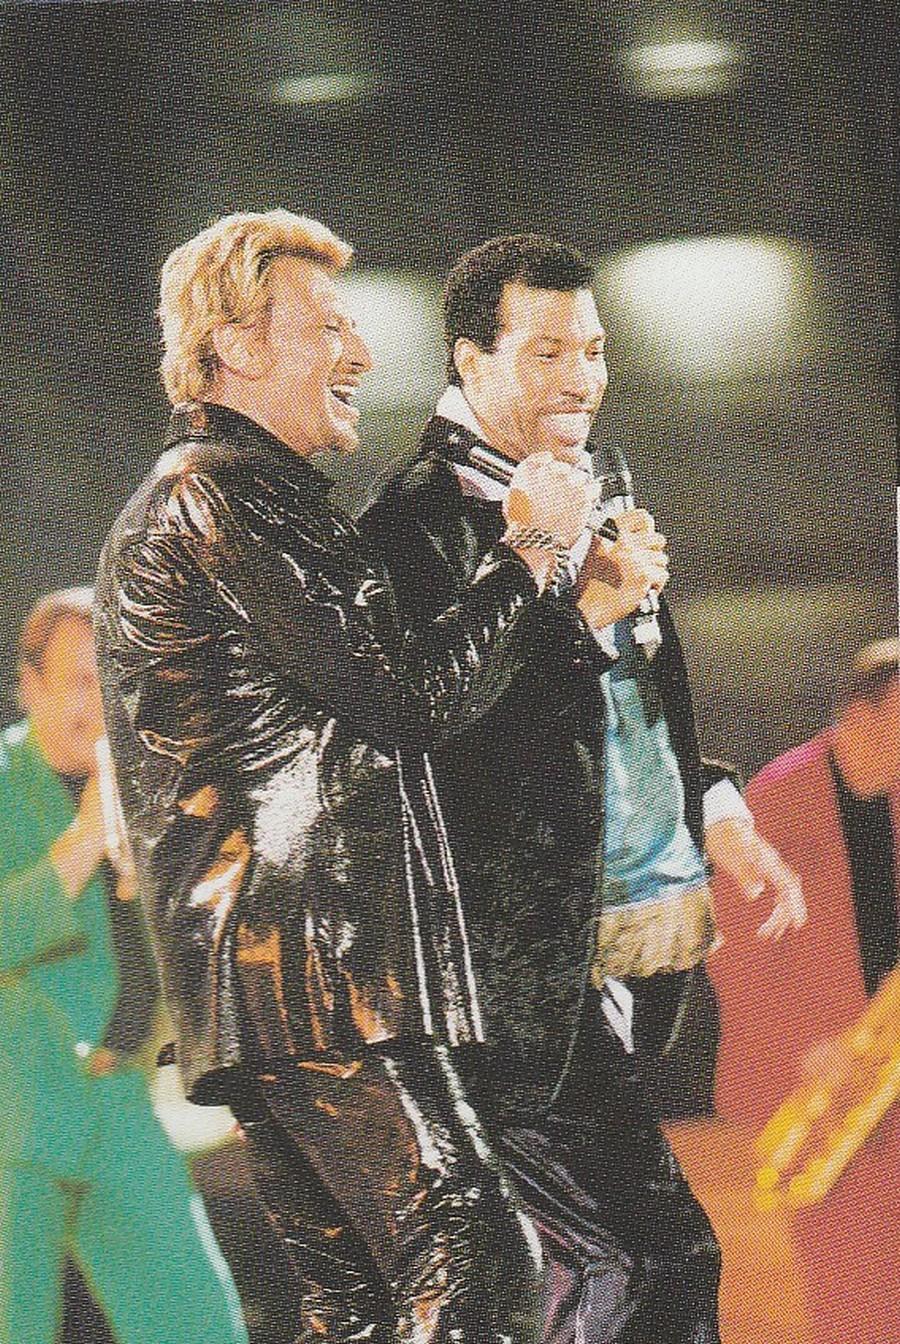 LES CONCERTS DE JOHNNY 'STADE DE FRANCE, SAINT-DENIS 1998' Img_2373